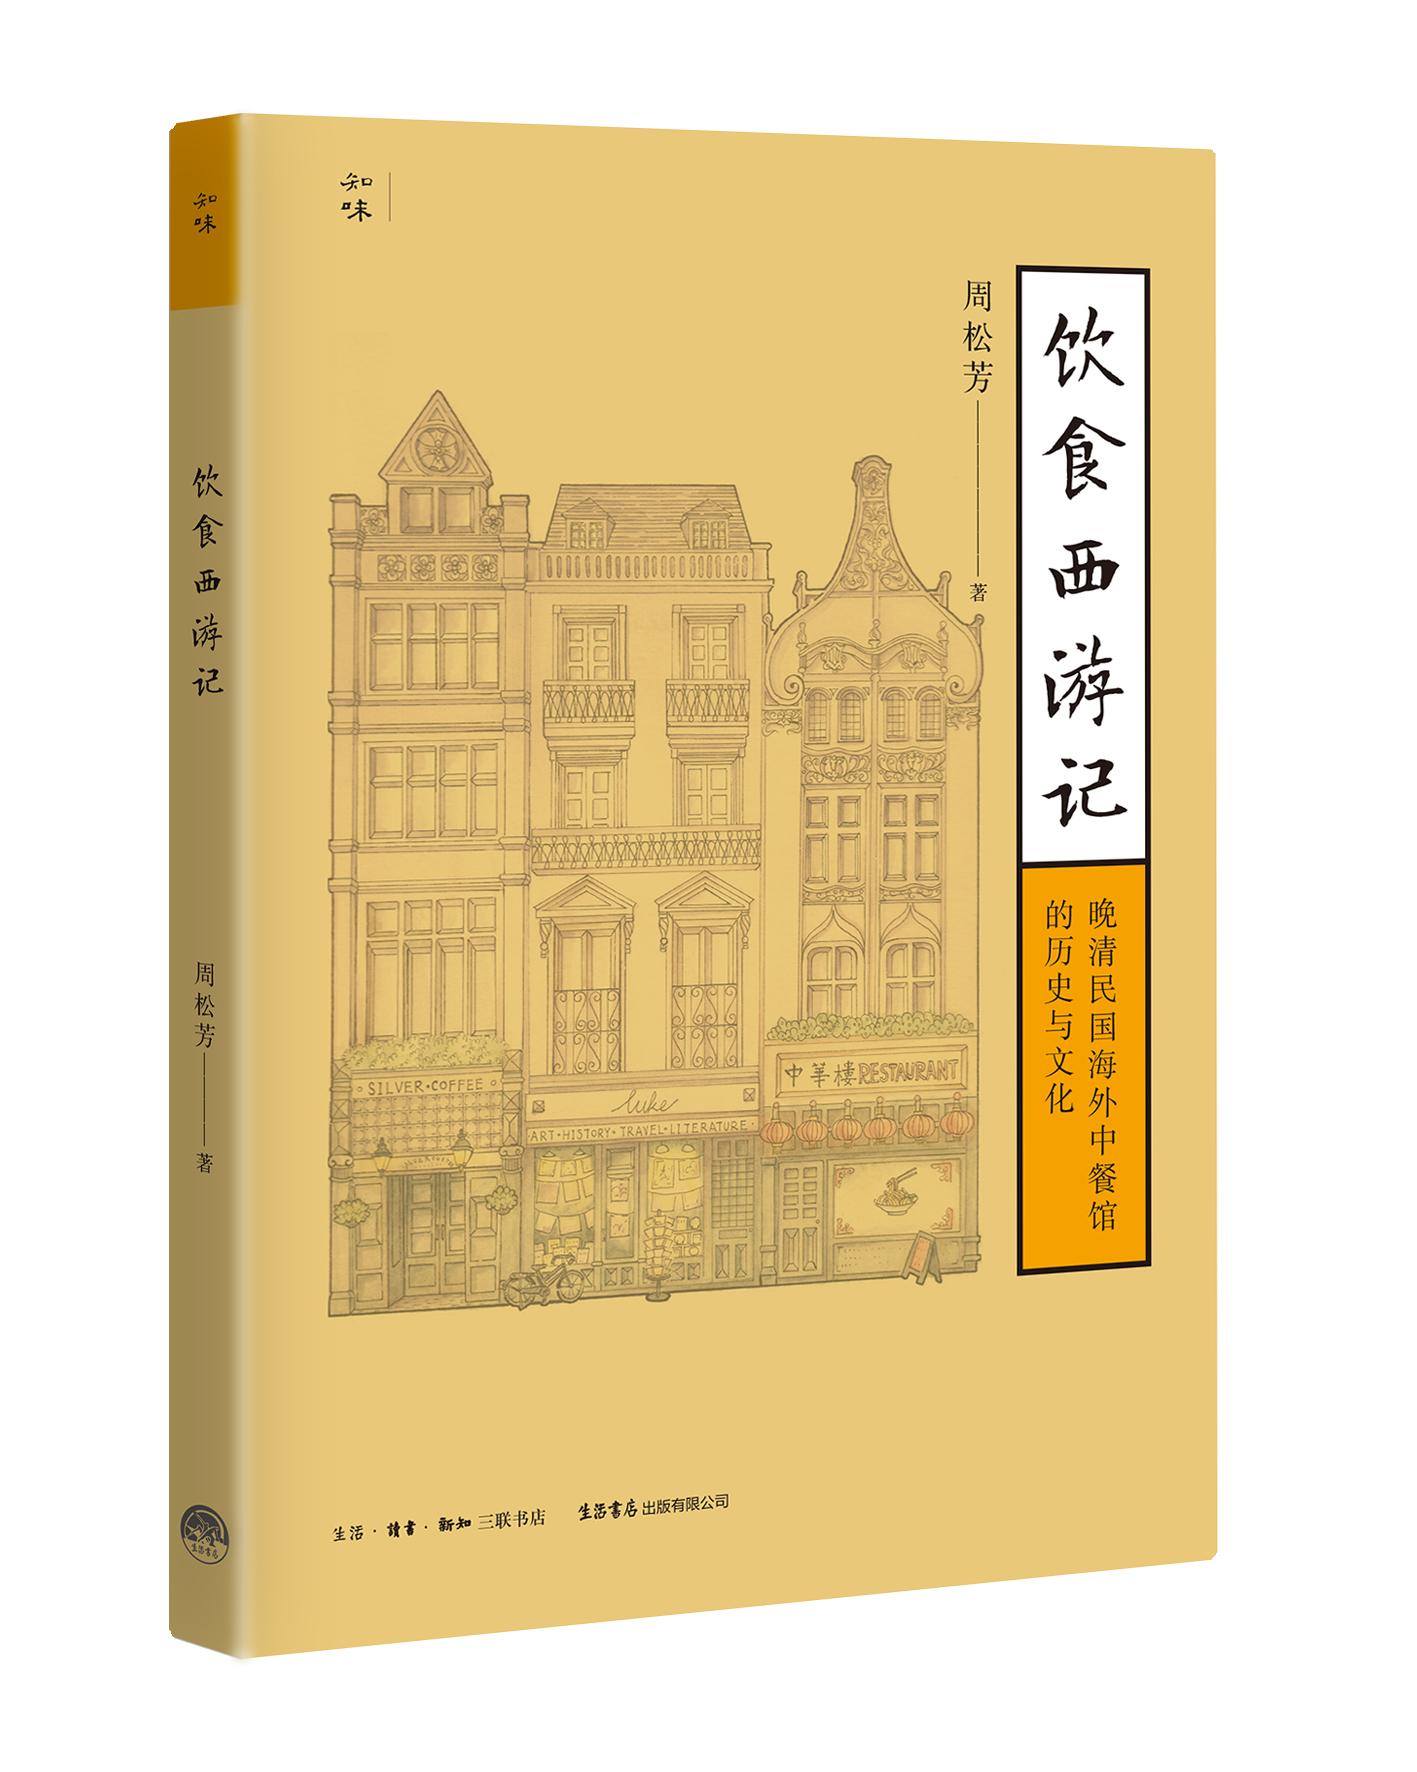 《饮食西游记:晚清民国海外中餐馆的历史与文化》,周松芳著,三联书店2021年4月版